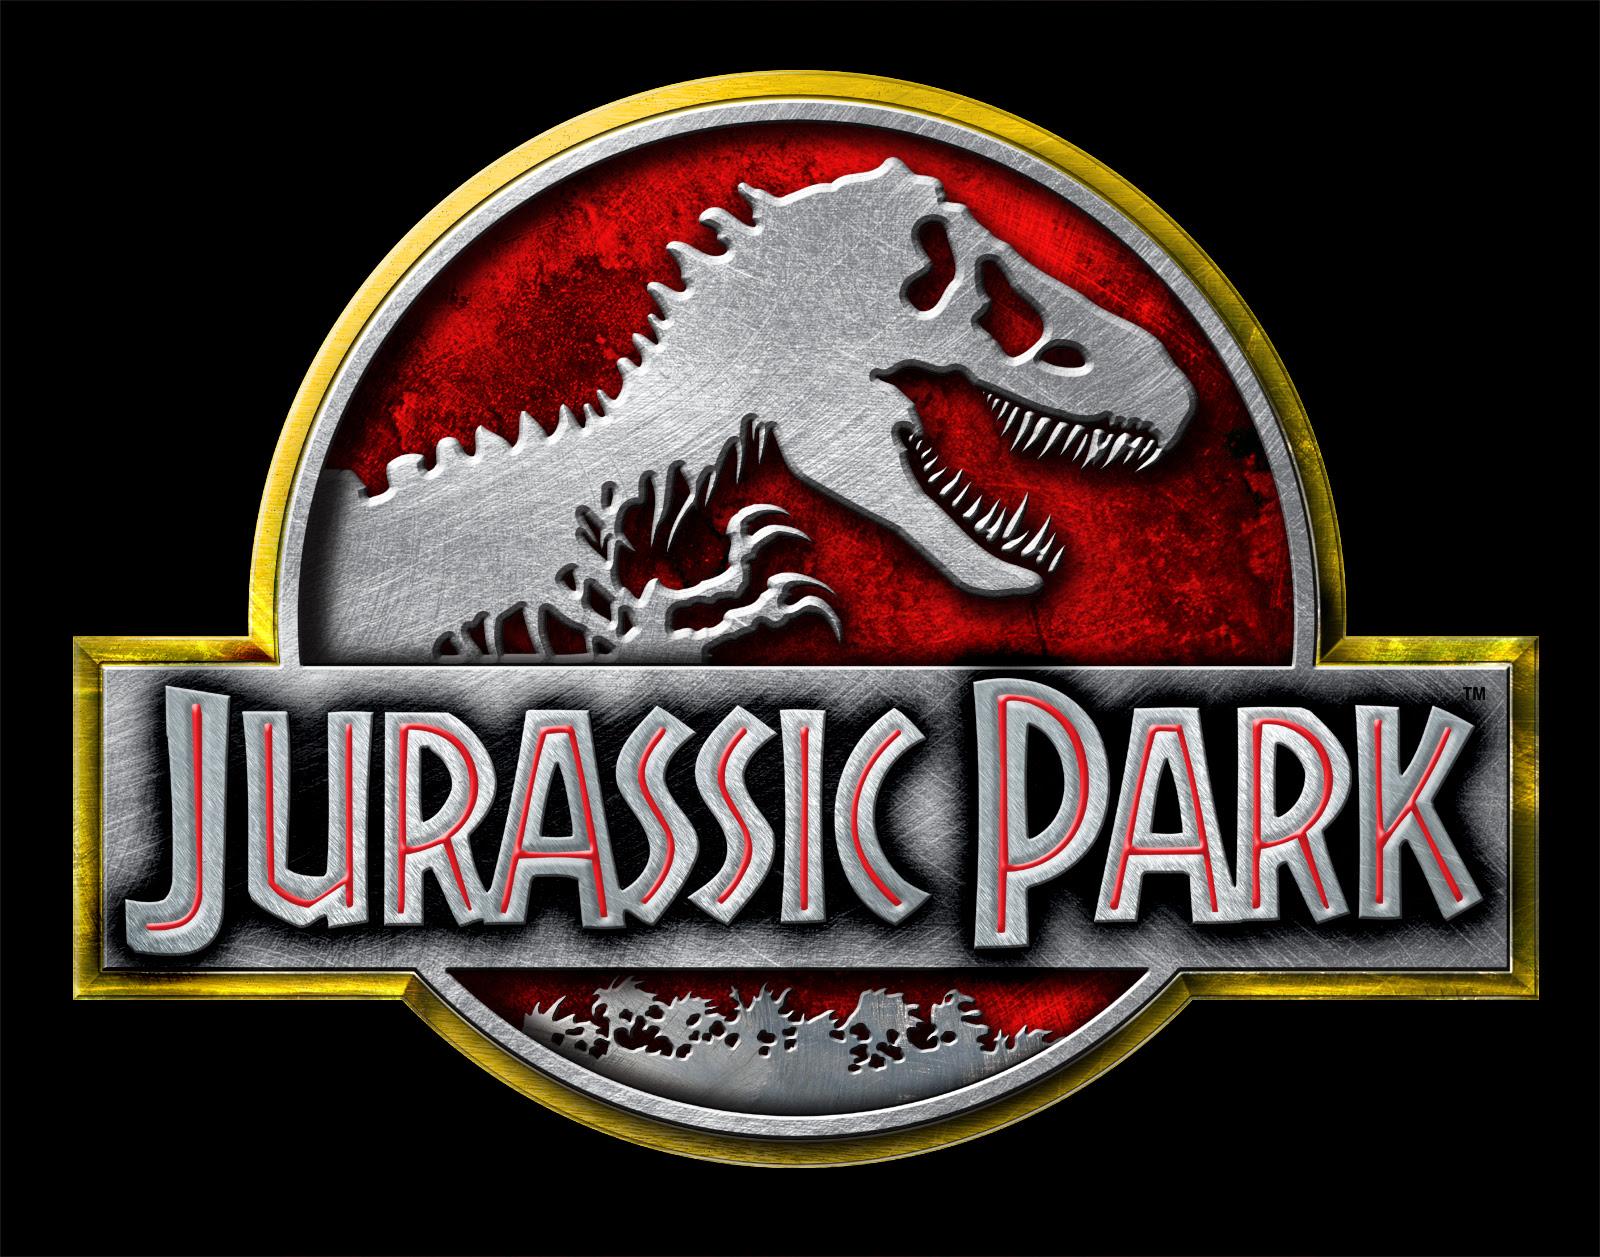 http://images2.wikia.nocookie.net/__cb20120730190704/jurassicpark/images/1/1e/Jurassic-Park_Logo-2-.jpg